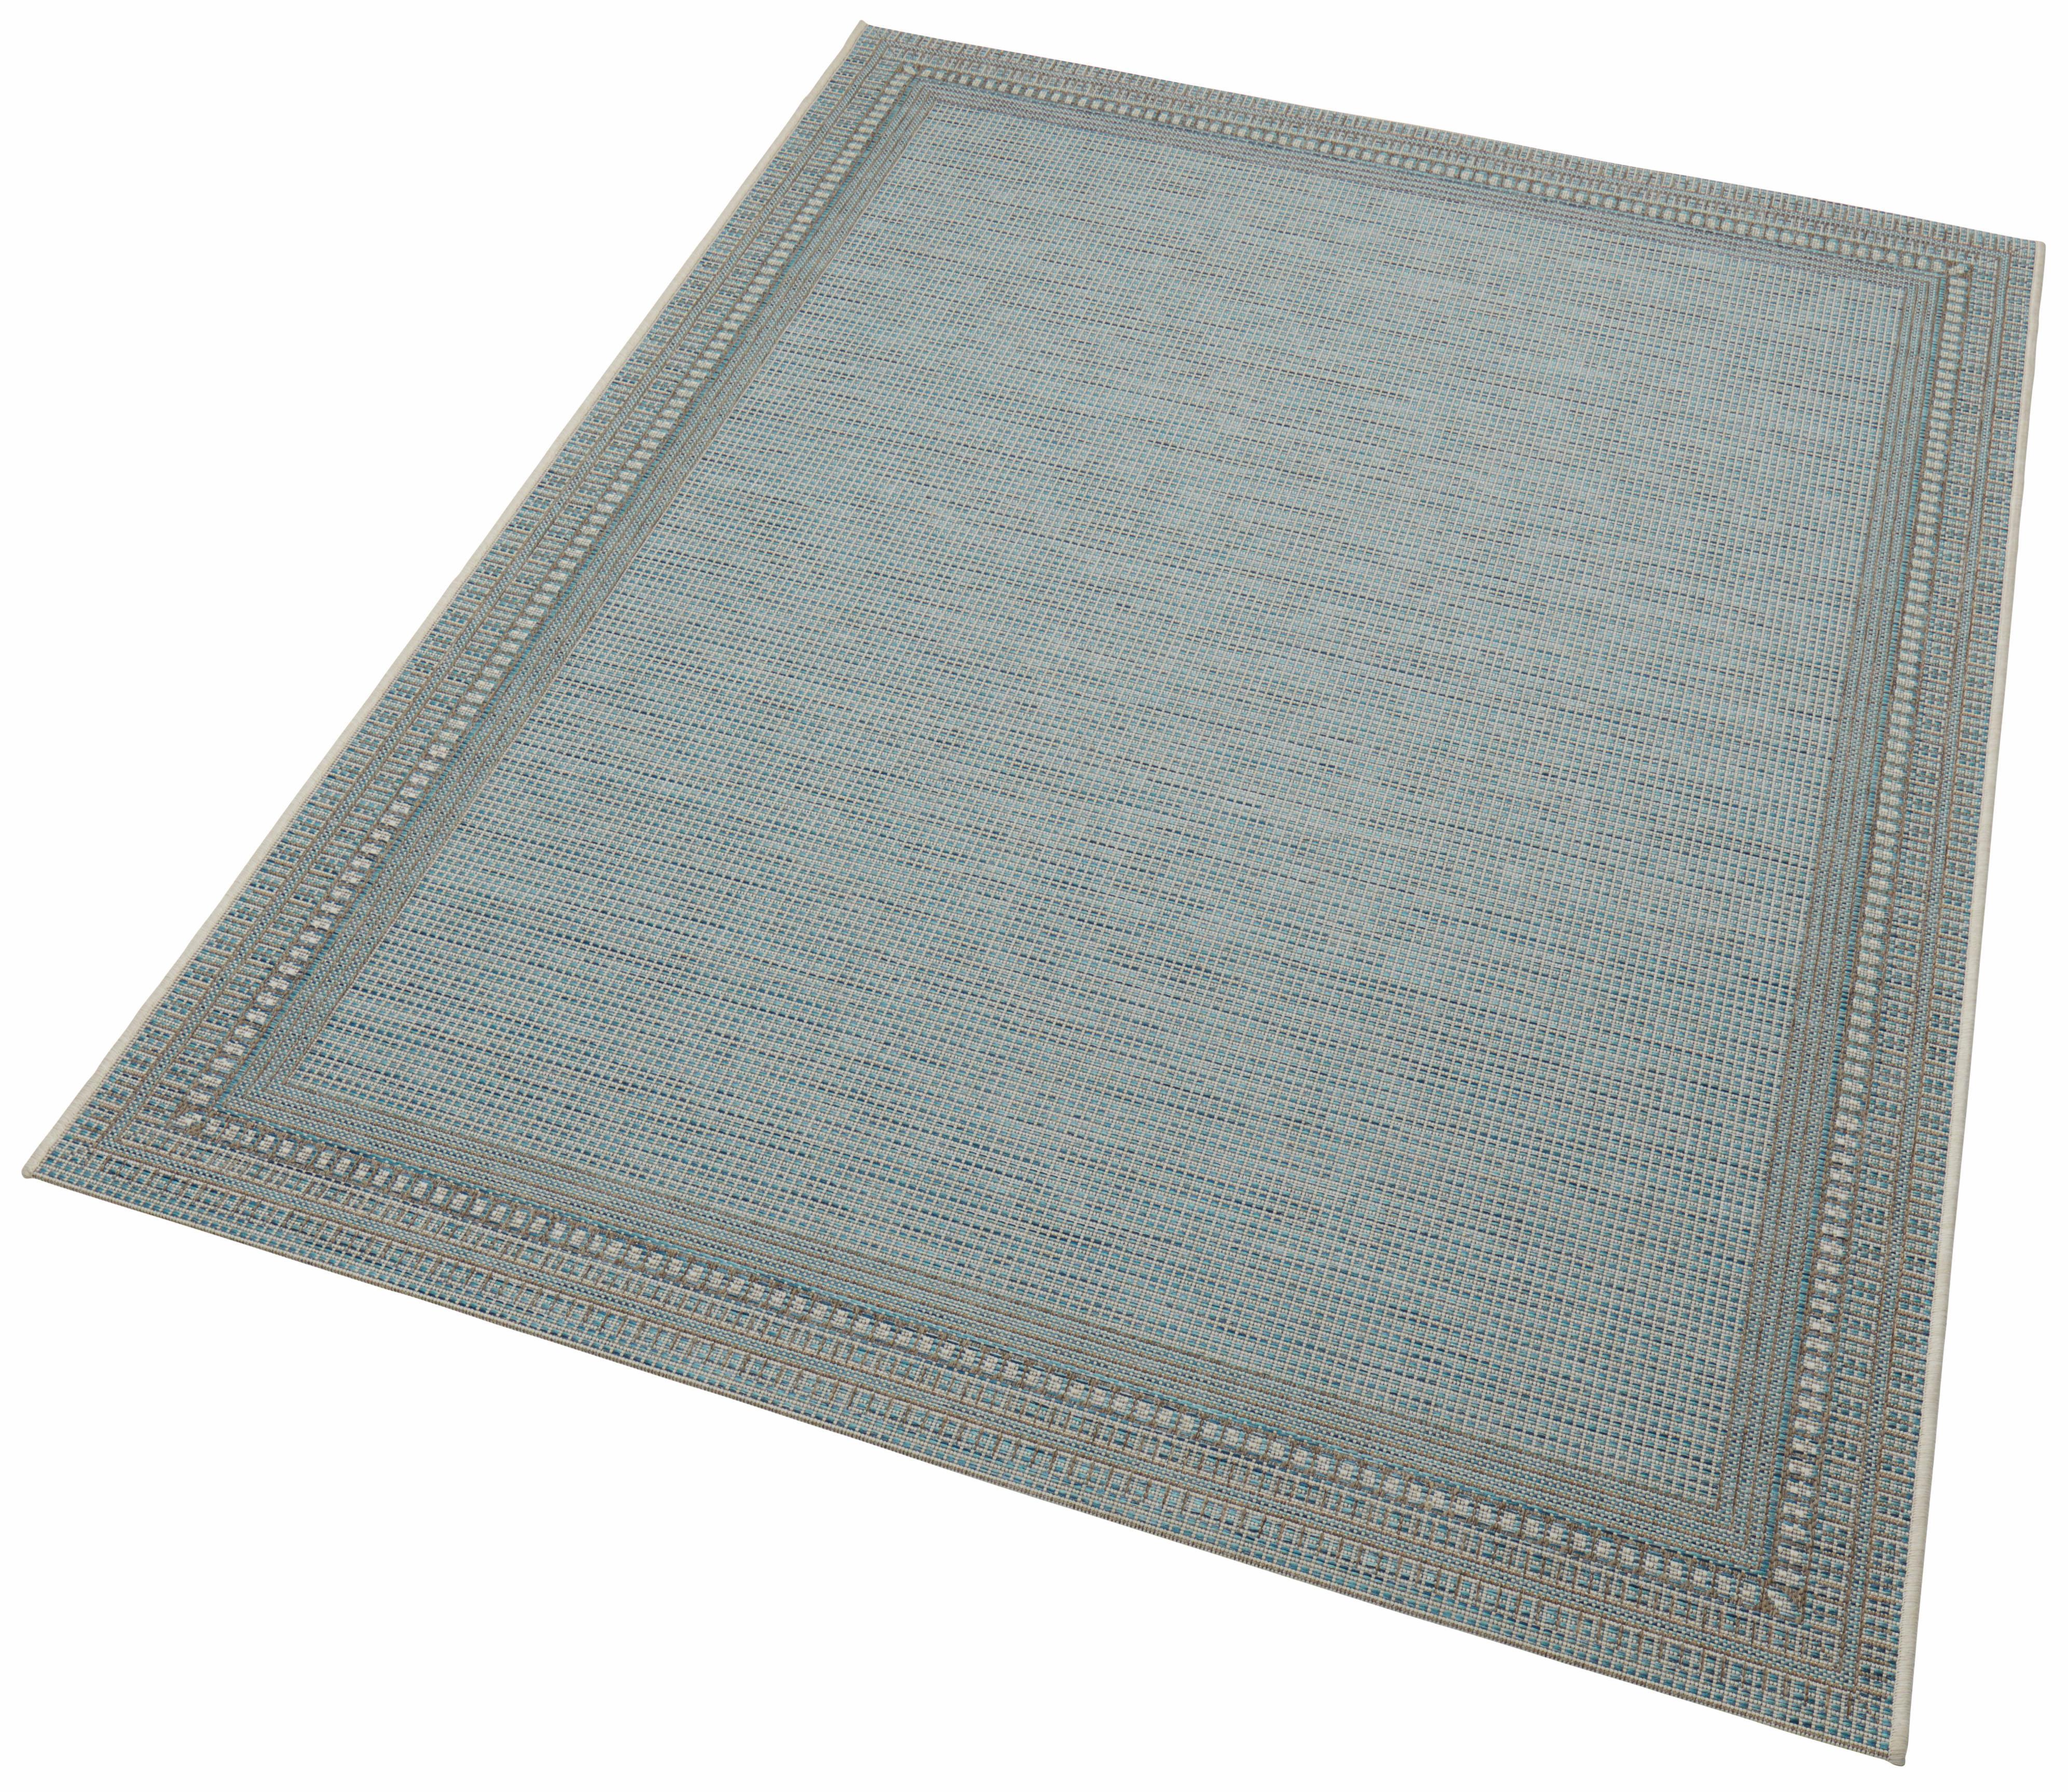 Teppich Ocean freundin Home Collection rechteckig Höhe 4 mm maschinell gewebt